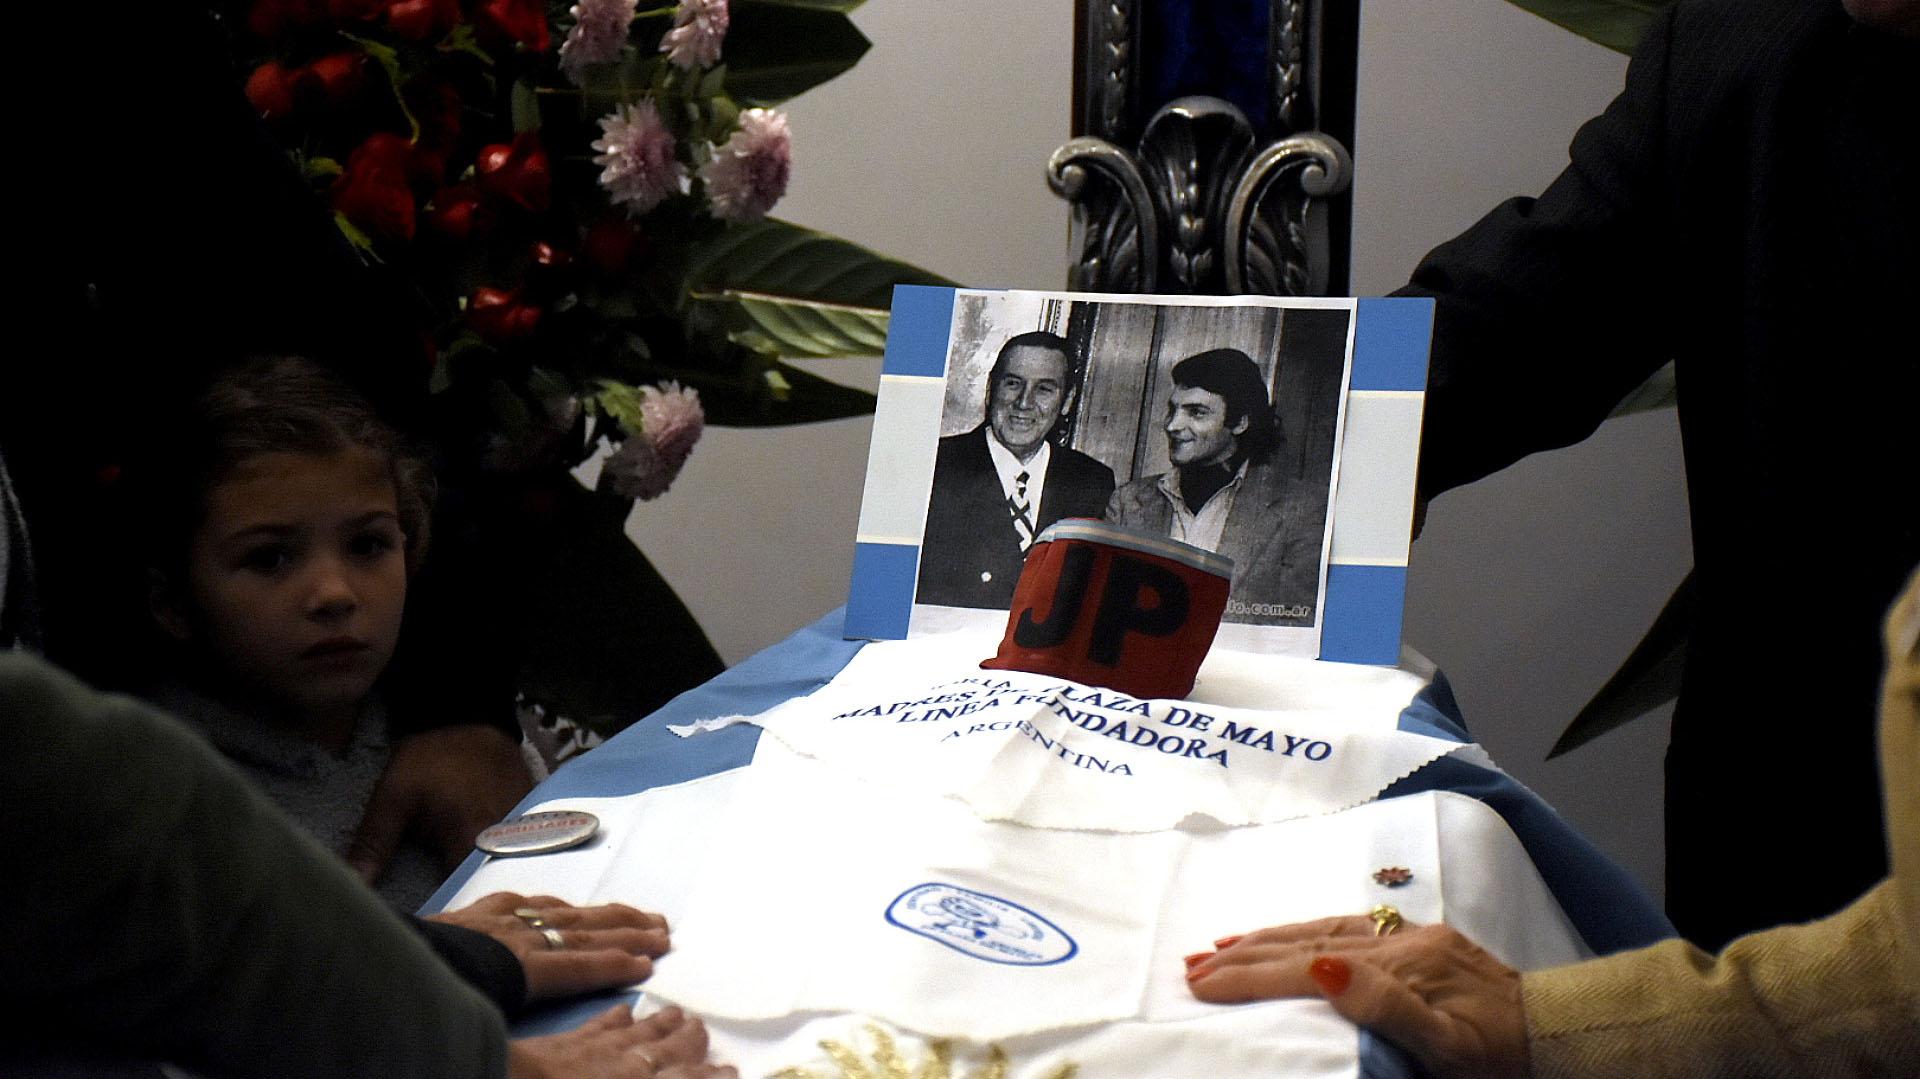 La imagen fue colocada sobre el cajón que alojan los restos del histórico dirigente peronista.